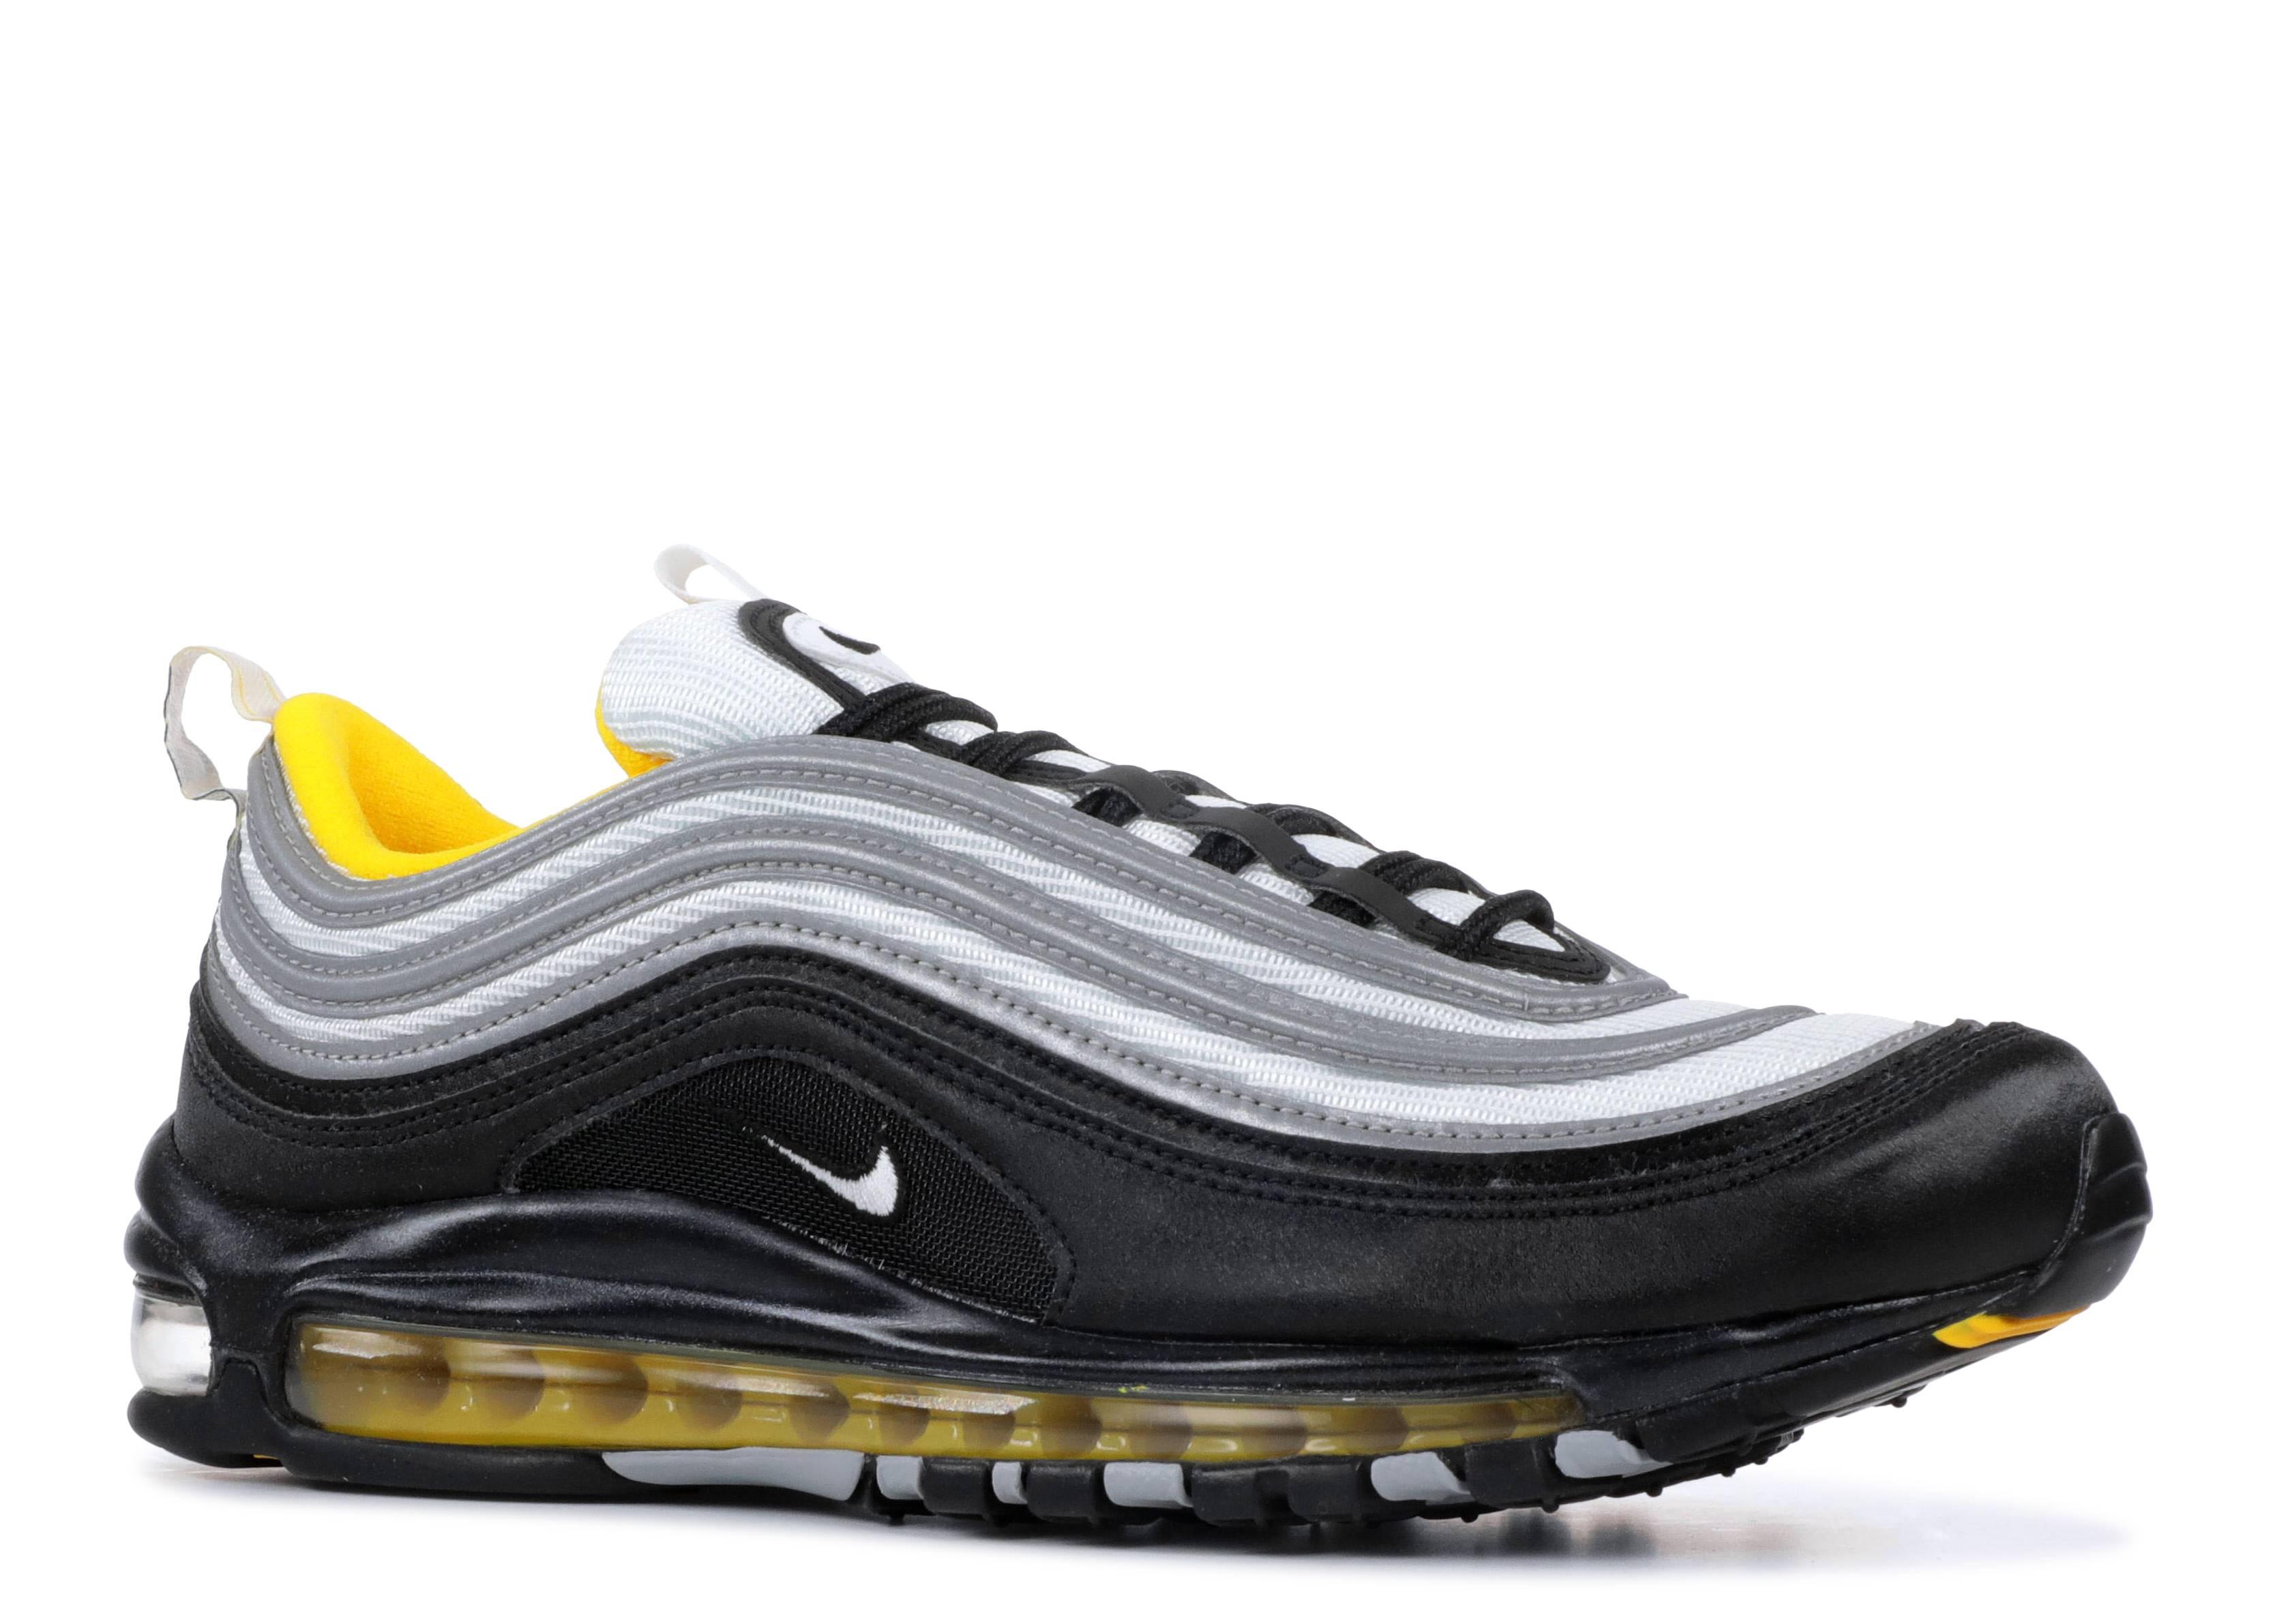 6c7833f5080bb Nike Air Max 97 - Nike - 921826 008 - black/white-amarillo | Flight Club